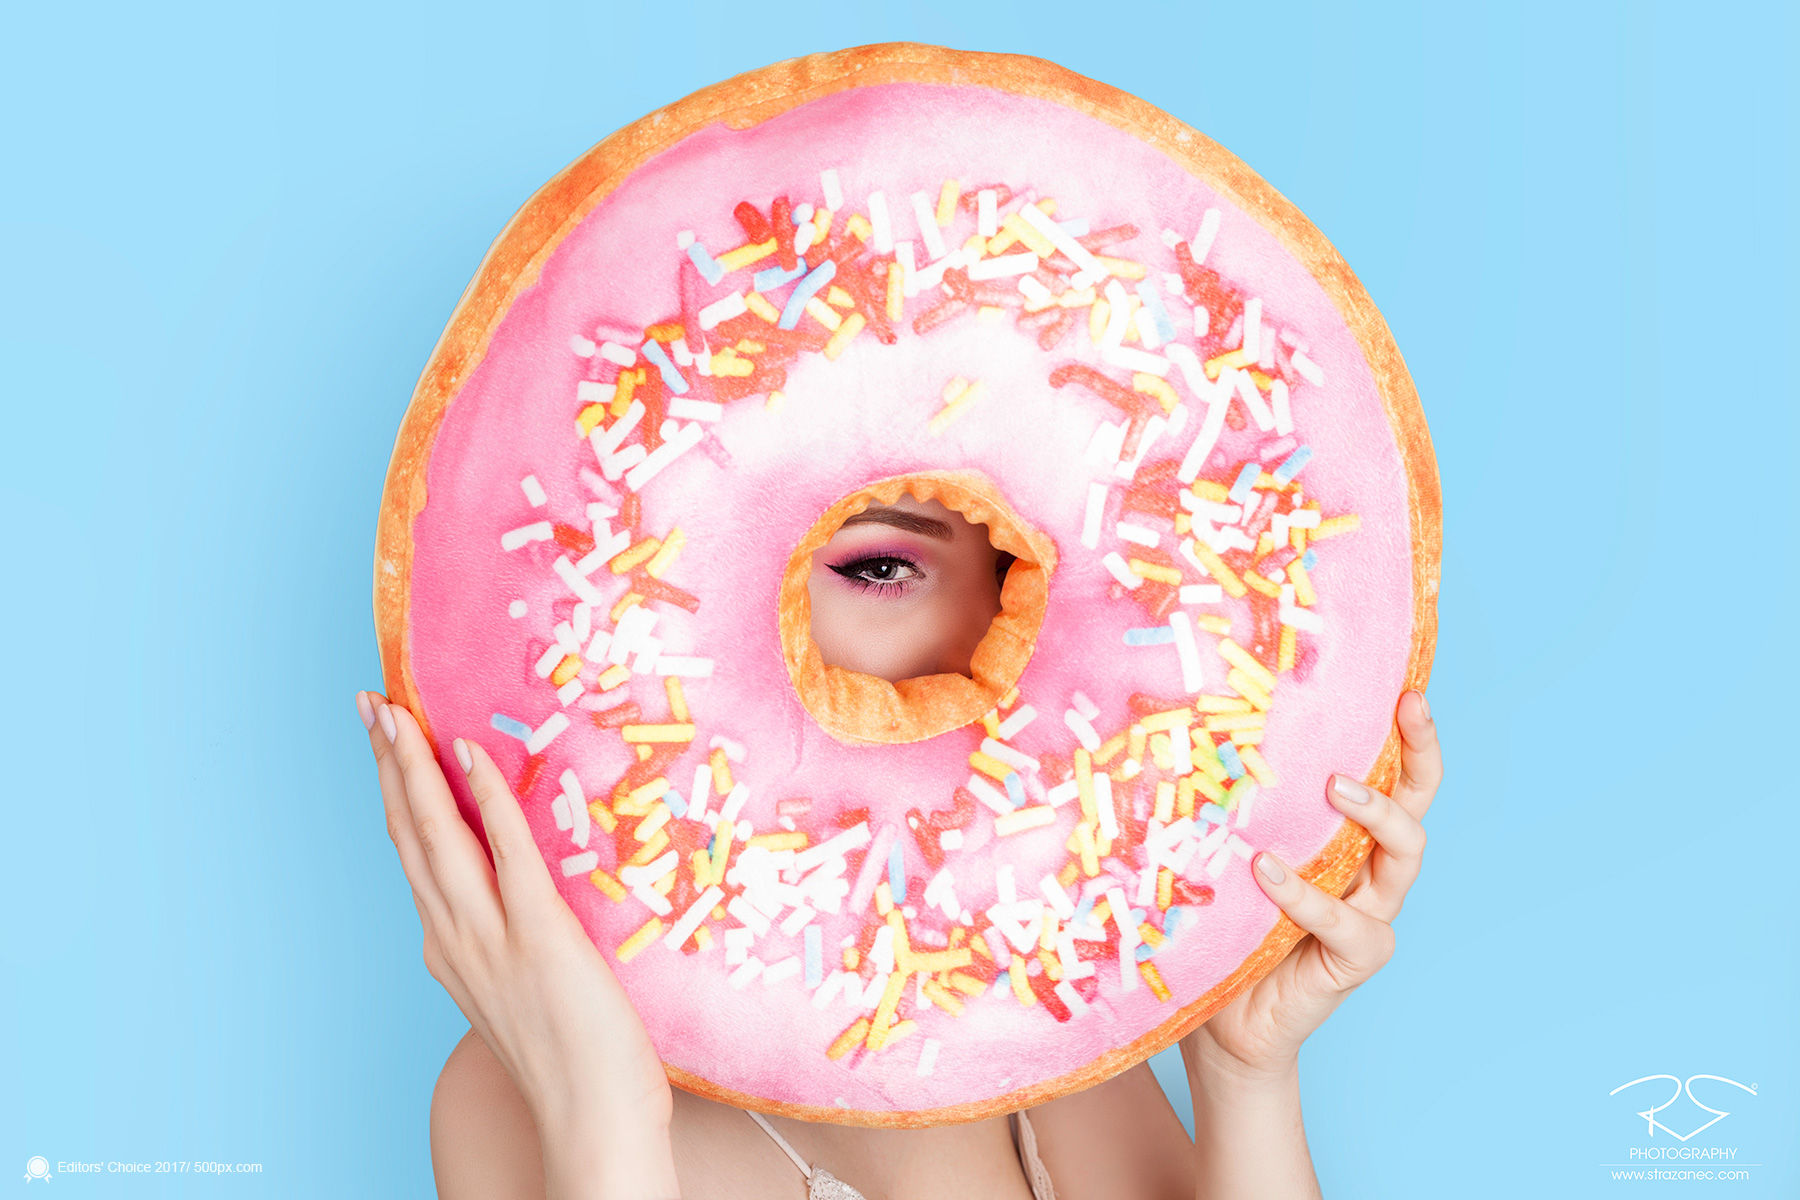 Mmm...Donut!